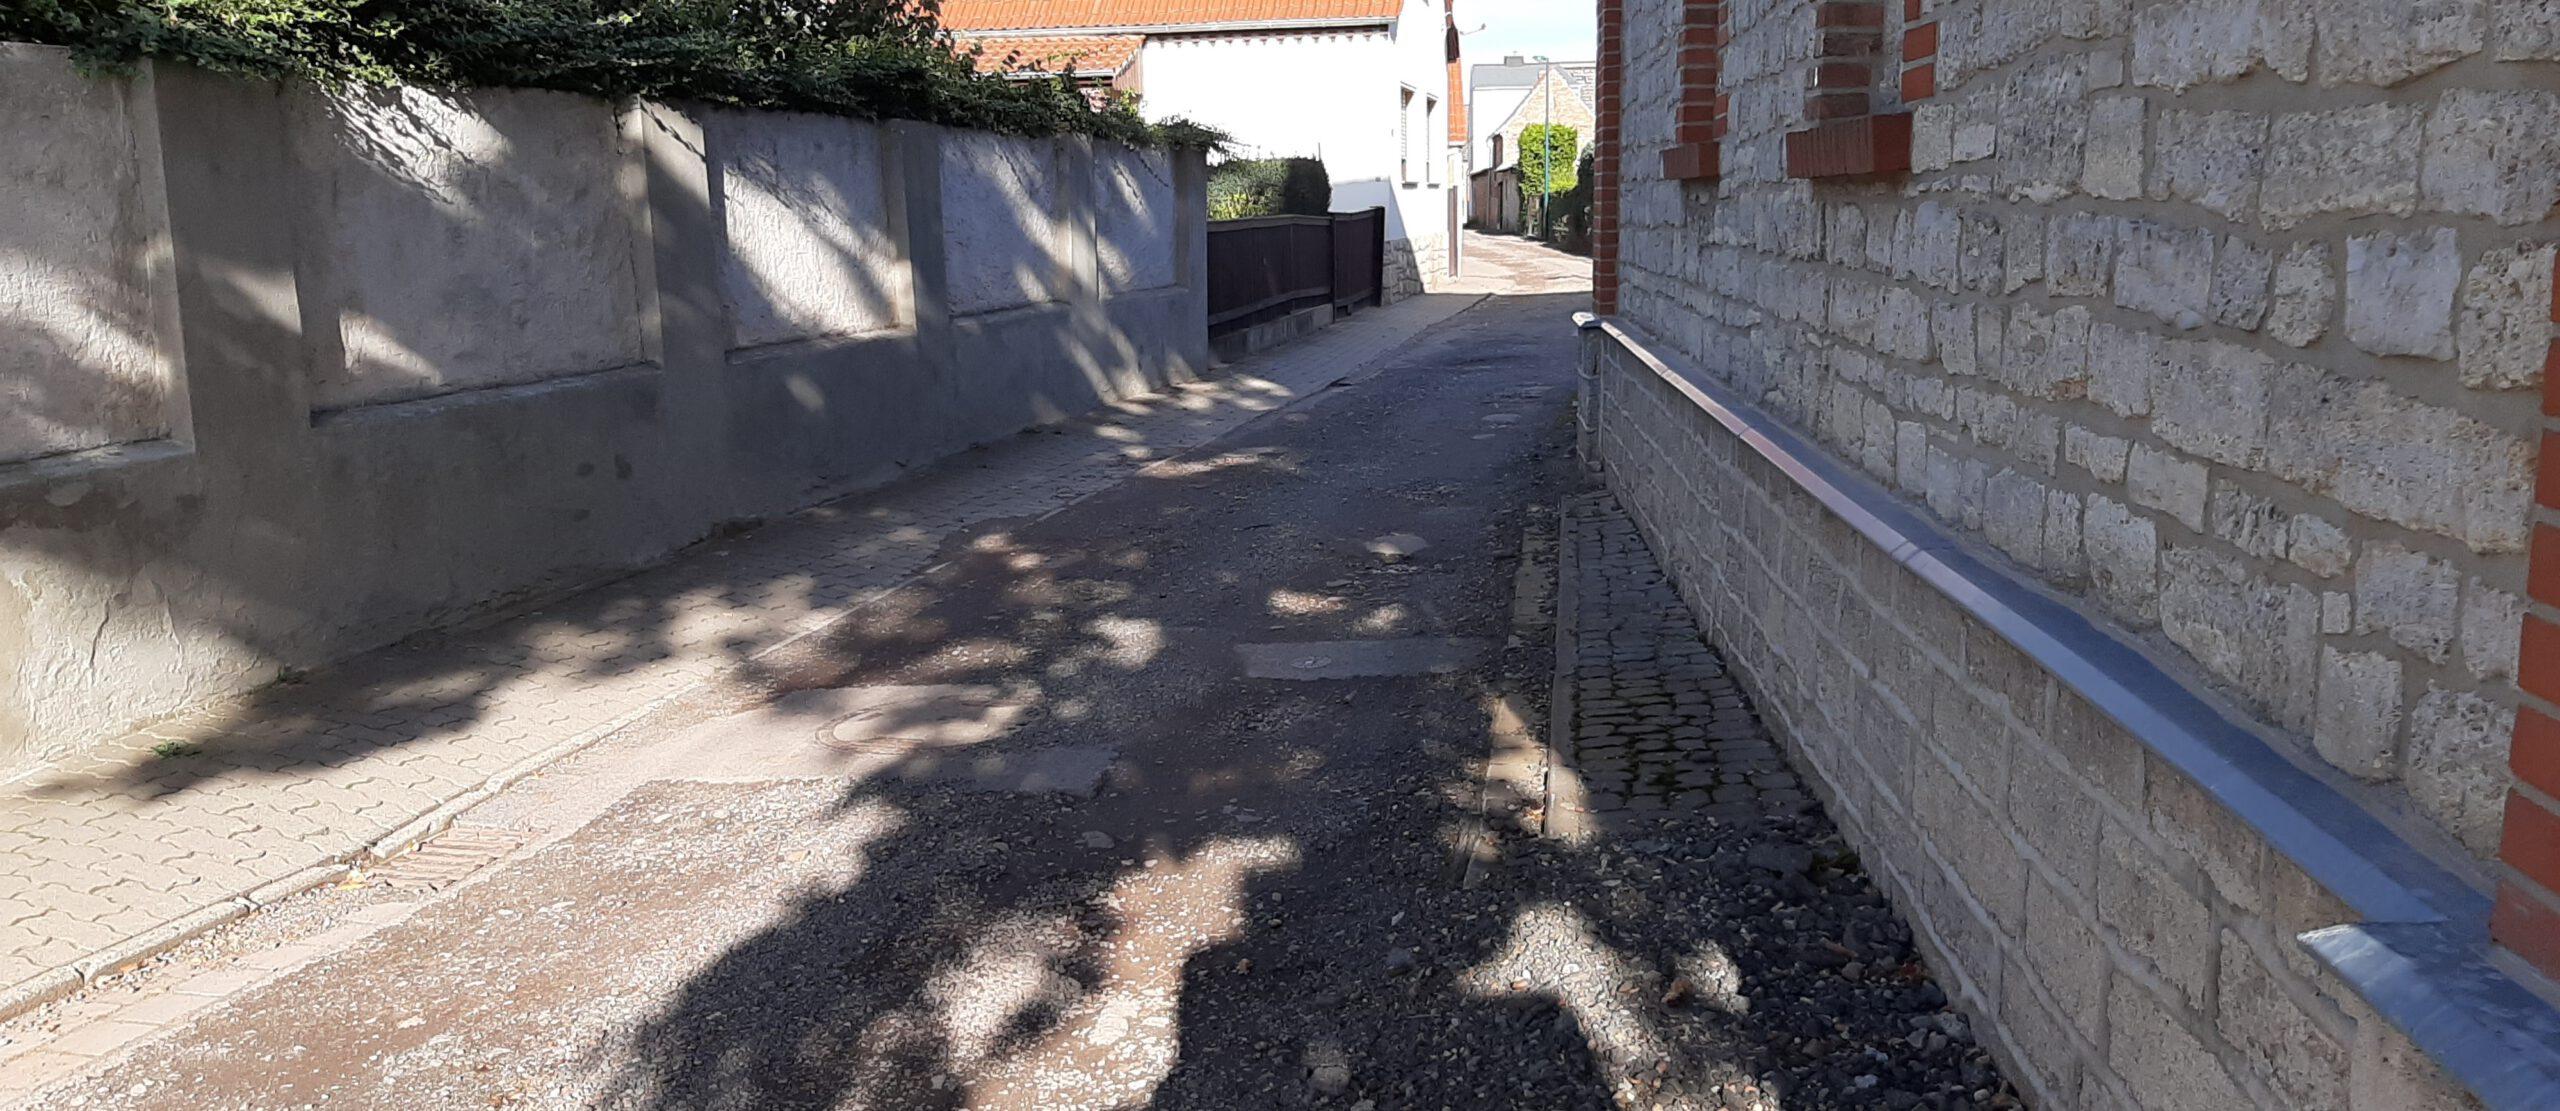 Fördermittelbescheid für Pothofstraße endlich eingetrudelt